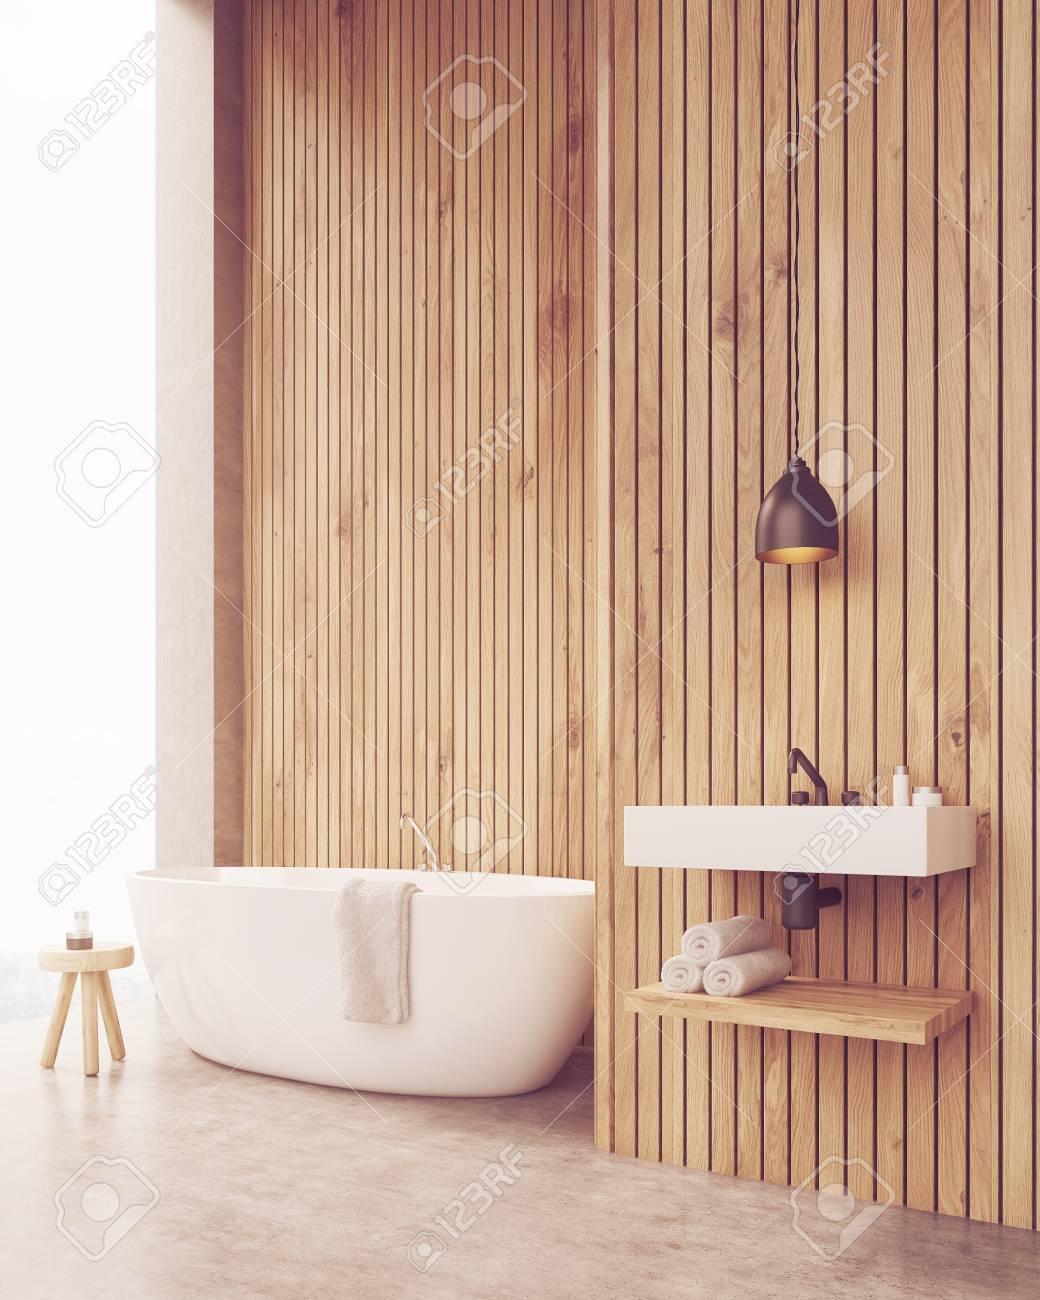 Seitenansicht Der Sonnendurchfluteten Badezimmer Mit Waschbecken Und ...